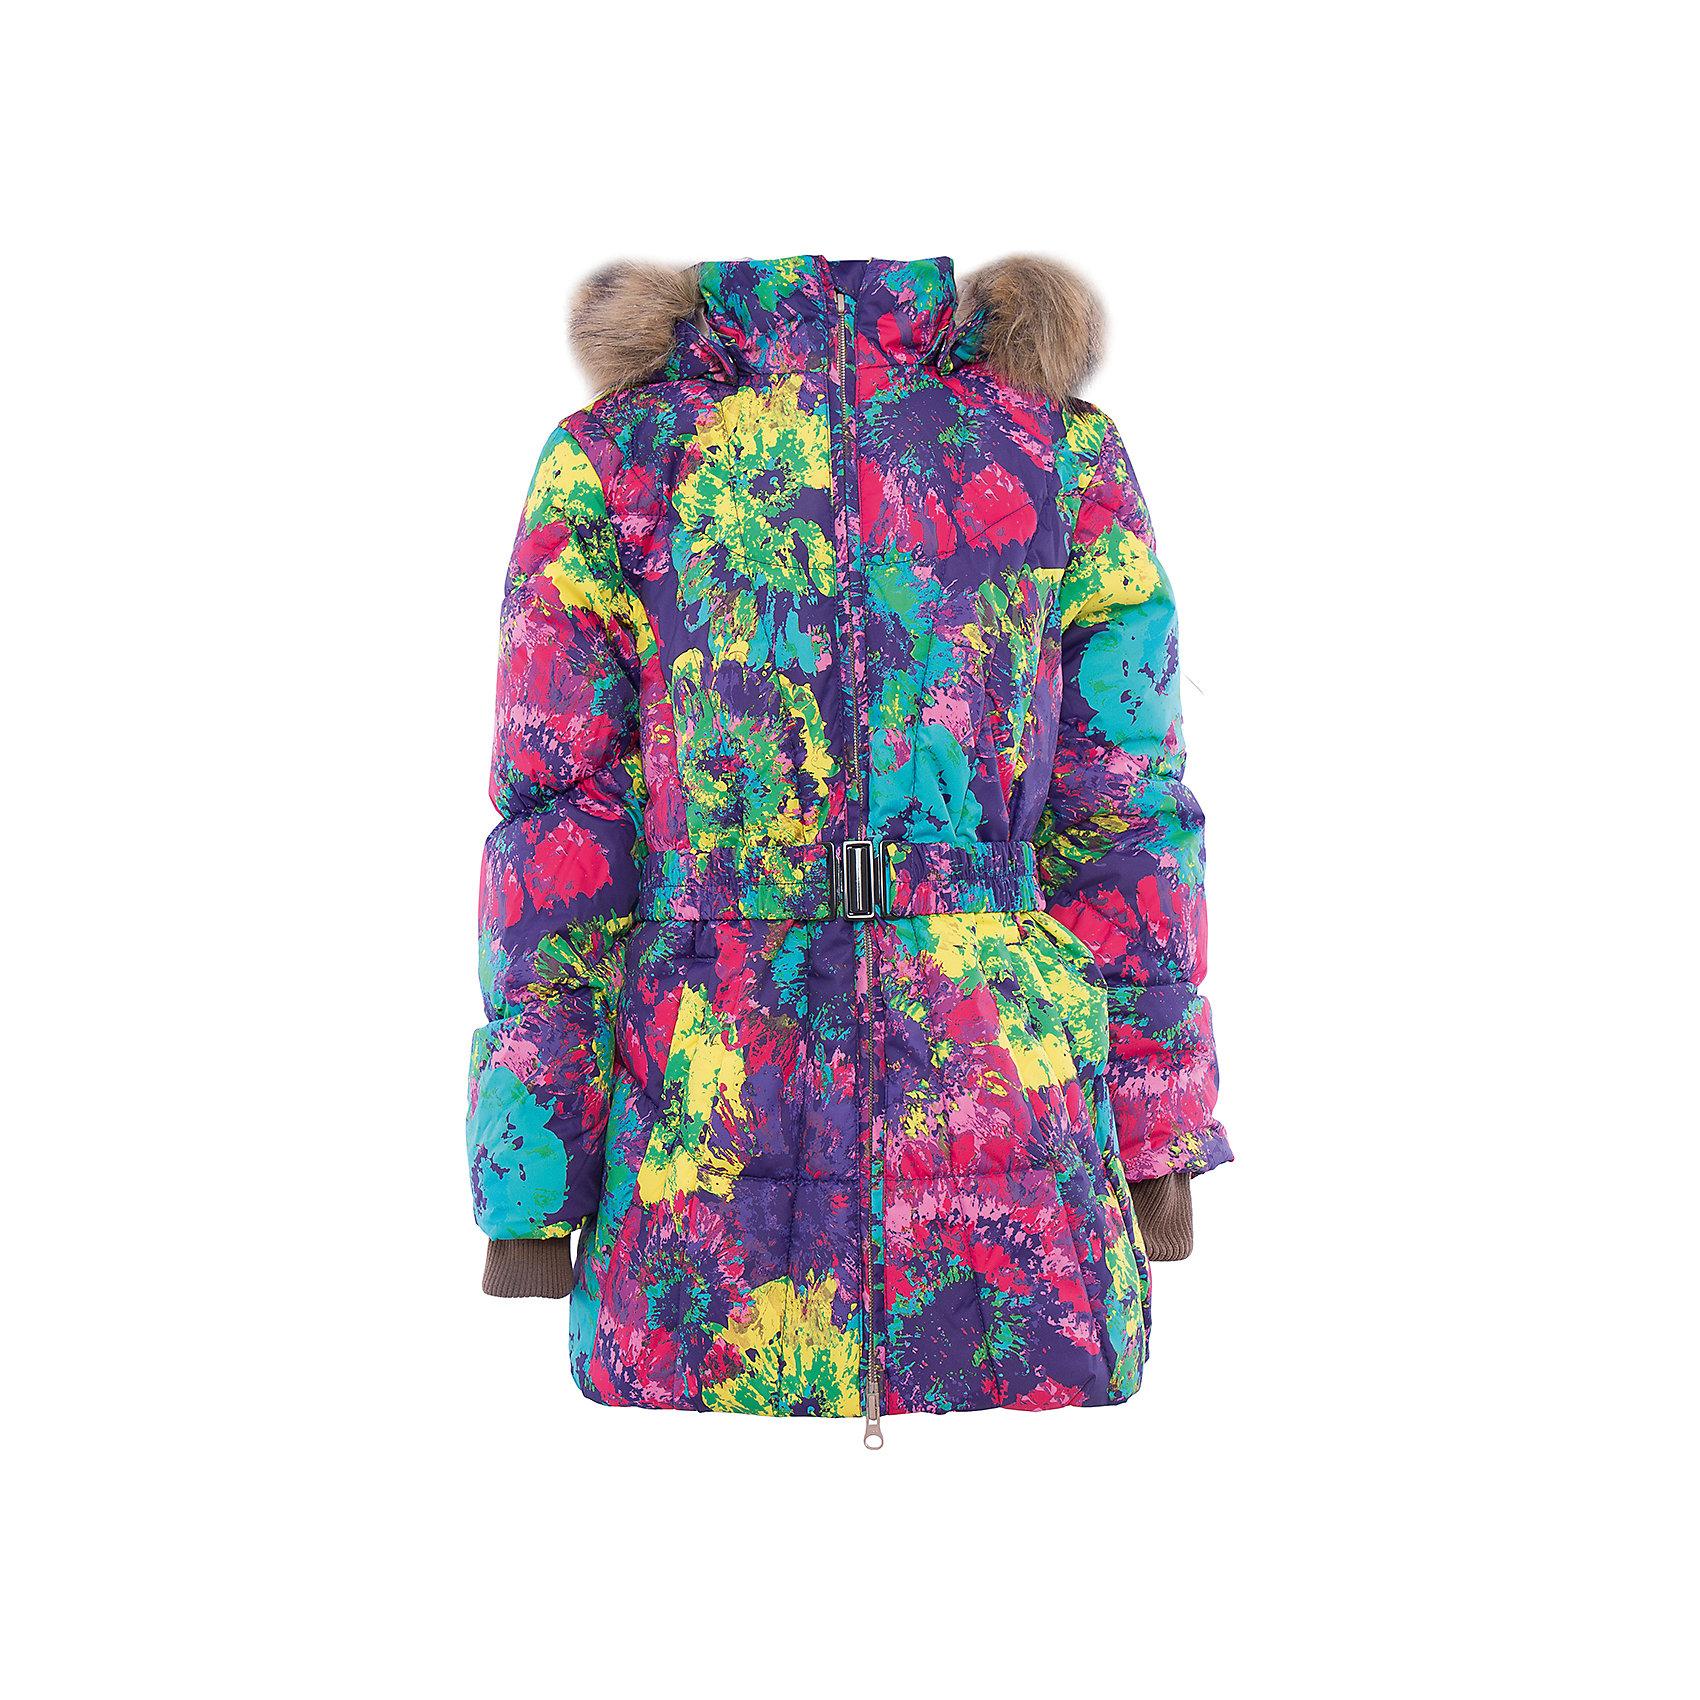 Куртка   для девочки HuppaВерхняя одежда<br>Стильная и необычная куртка LESLIE1 Huppa(Хуппа).<br><br>Утеплитель: 50% пух, 50% перо<br><br>Температурный режим: до -30 градусов. Степень утепления – высокая. <br><br>* Температурный режим указан приблизительно — необходимо, прежде всего, ориентироваться на ощущения ребенка. Температурный режим работает в случае соблюдения правила многослойности – использования флисовой поддевы и термобелья.<br><br>Согреет ребенка в холод, а приятный дизайн всегда будет радовать!<br><br>Особенности:<br>-специальная мембрана, выводящая лишнюю влагу, не позволит ветру и воде проникнуть внутрь куртки<br>-большой и удобный капюшон <br>-высококачественный гусиный пух<br>-светоотражающие элементы<br>-яркая расцветка<br>-капюшон с отстегивающимся мехом<br><br>Дополнительная информация:<br>Материал: 100% полиэстер<br>Подкладка: тафта - 100% полиэстер<br><br>Куртку LESLIE1 Huppa(Хуппа) вы можете приобрести в нашем интернет-магазине.<br><br>Ширина мм: 356<br>Глубина мм: 10<br>Высота мм: 245<br>Вес г: 519<br>Цвет: фиолетовый<br>Возраст от месяцев: 156<br>Возраст до месяцев: 168<br>Пол: Женский<br>Возраст: Детский<br>Размер: 164,104,110,116,122,128,134,140,146,152,158<br>SKU: 4928253